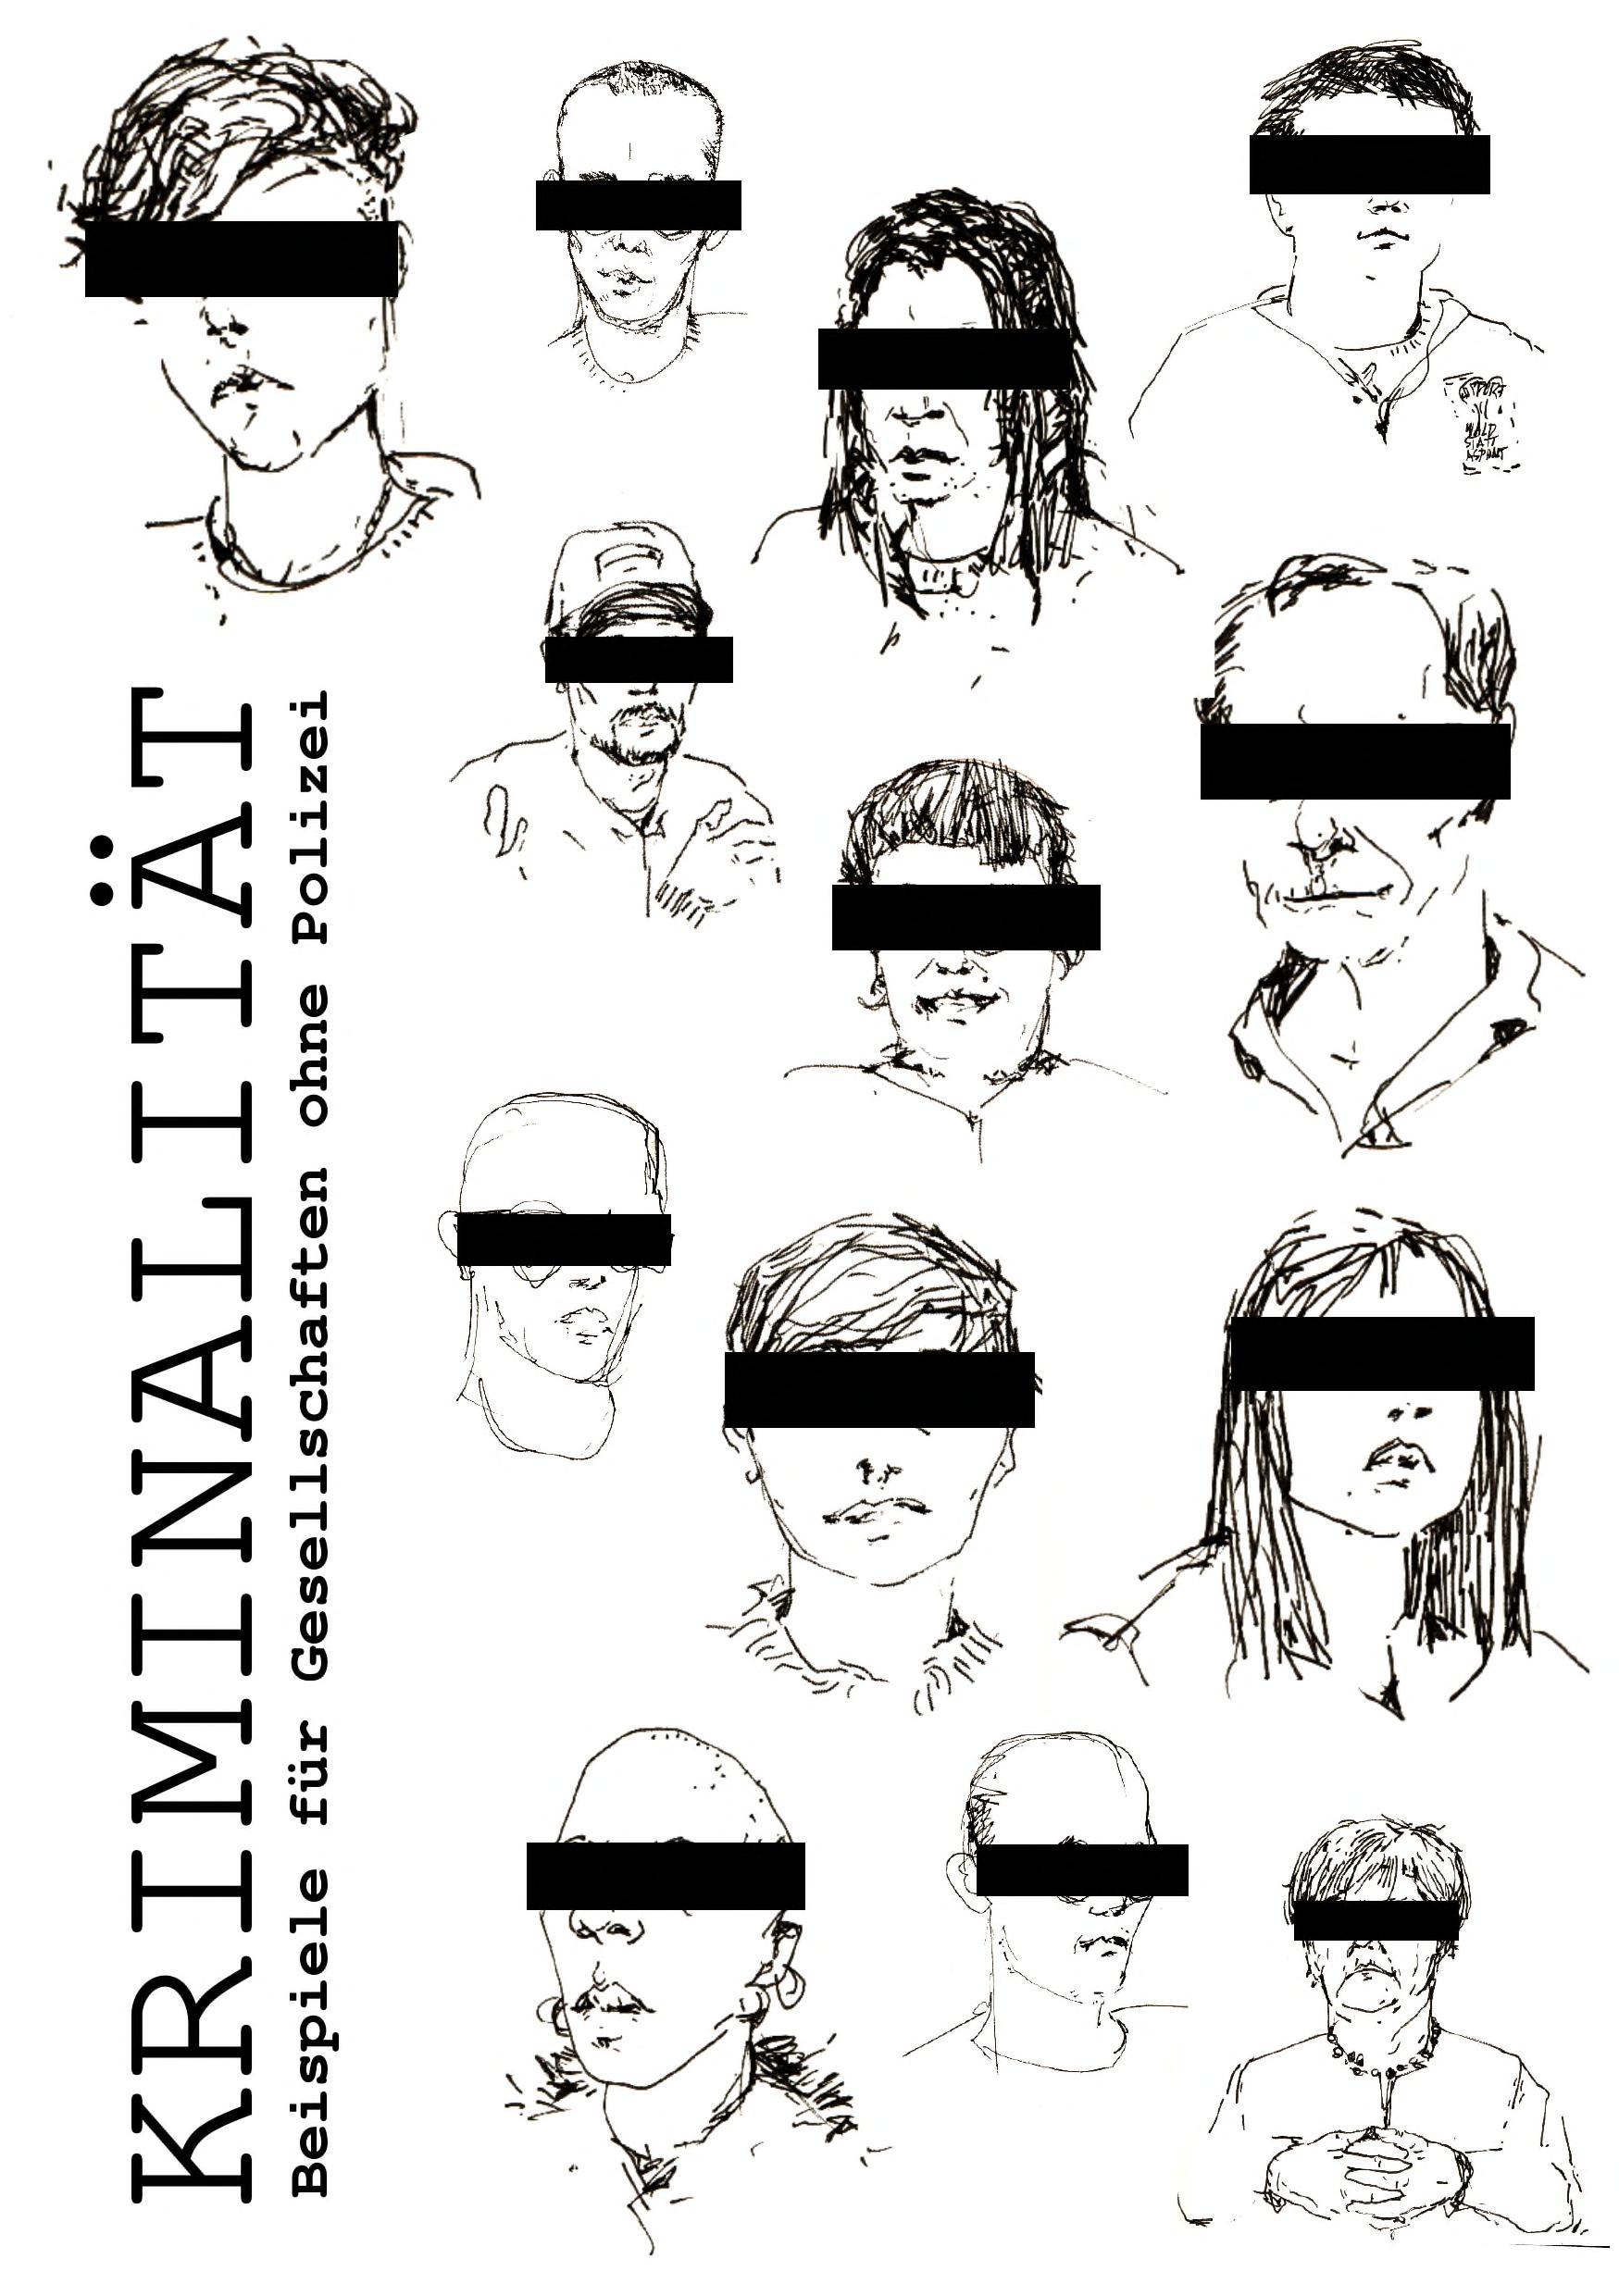 Kriminalität (Paperback, German language, 2021, Anarchistische Gruppe Dortmund)